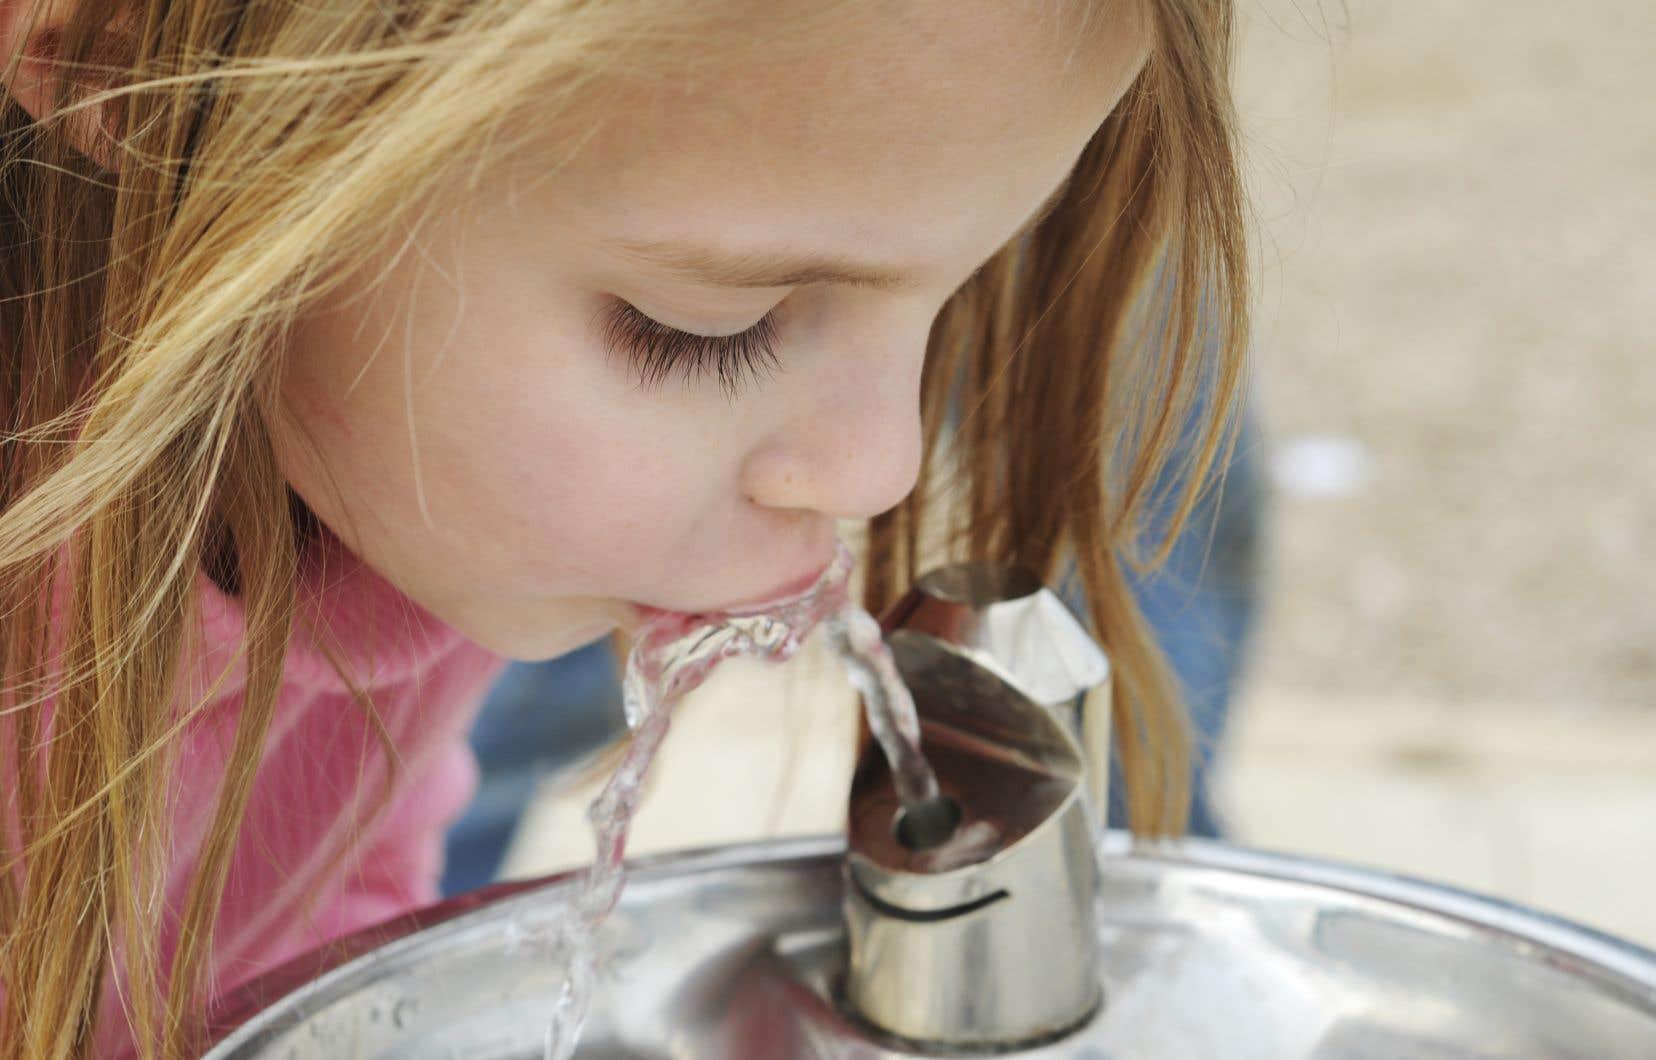 «Le Devoir», citant une étude de l'Institut national de santé publique du Québec, avait révélé en juillet dernier que le niveau de plomb dans l'eau de certains établissements scolaires était assez important pour avoir des effets sur le quotient intellectuel des enfants.